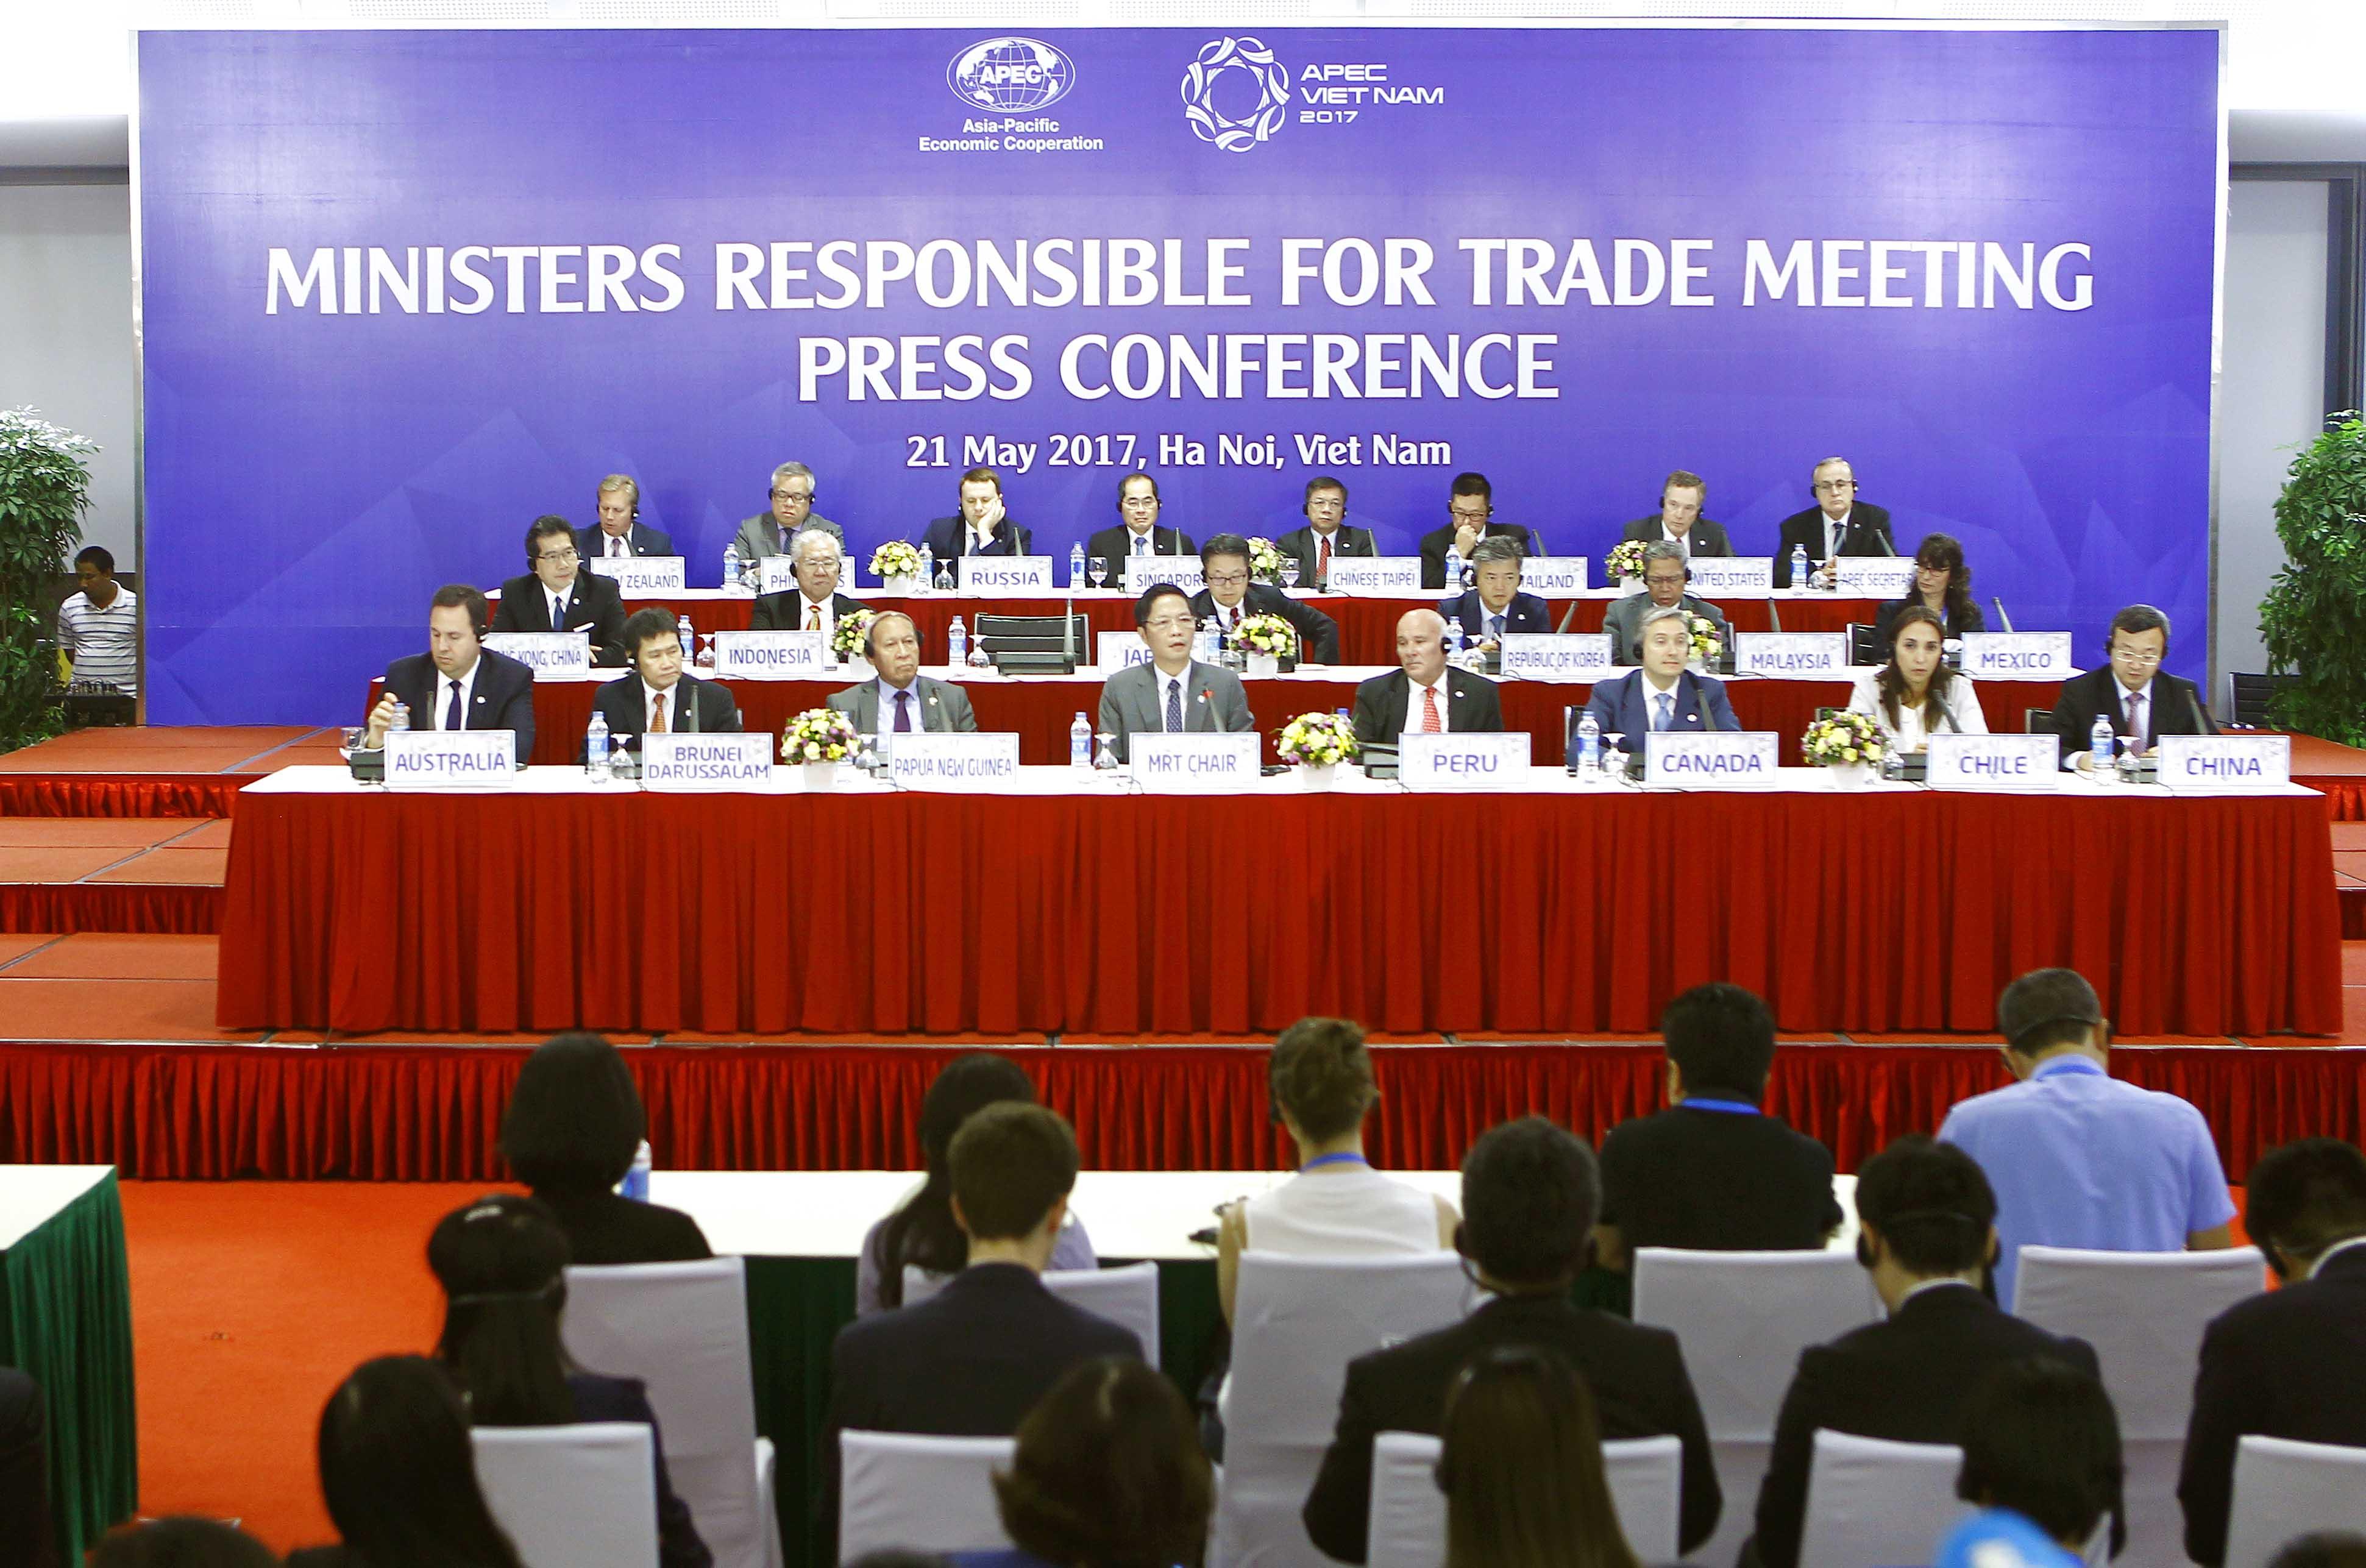 Hội nghị MRT 23 đã góp phần quan trọng thúc đẩy tiến trình triển khai chủ đề và các ưu tiên của Năm APEC 2017